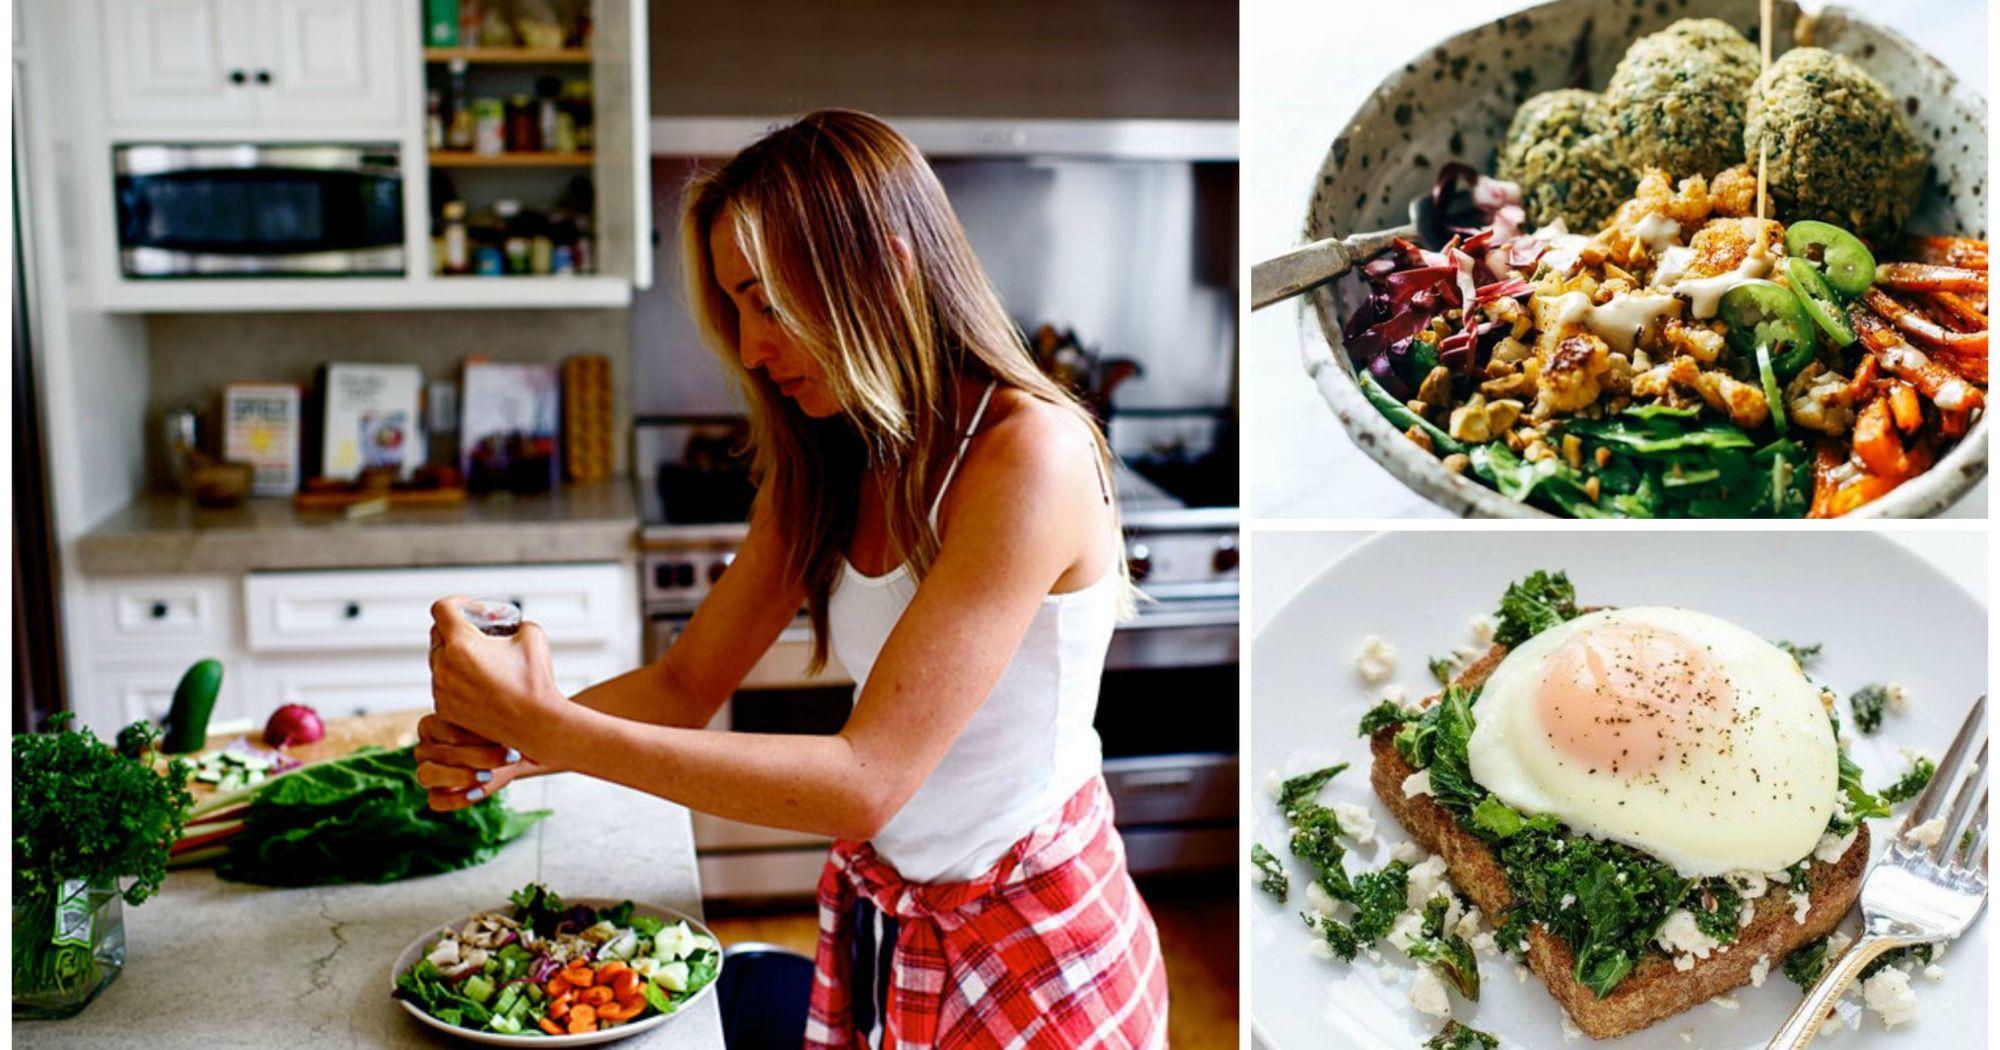 A comer sin miedo 50 alimentos que no engordan - Alimentos q no engordan ...